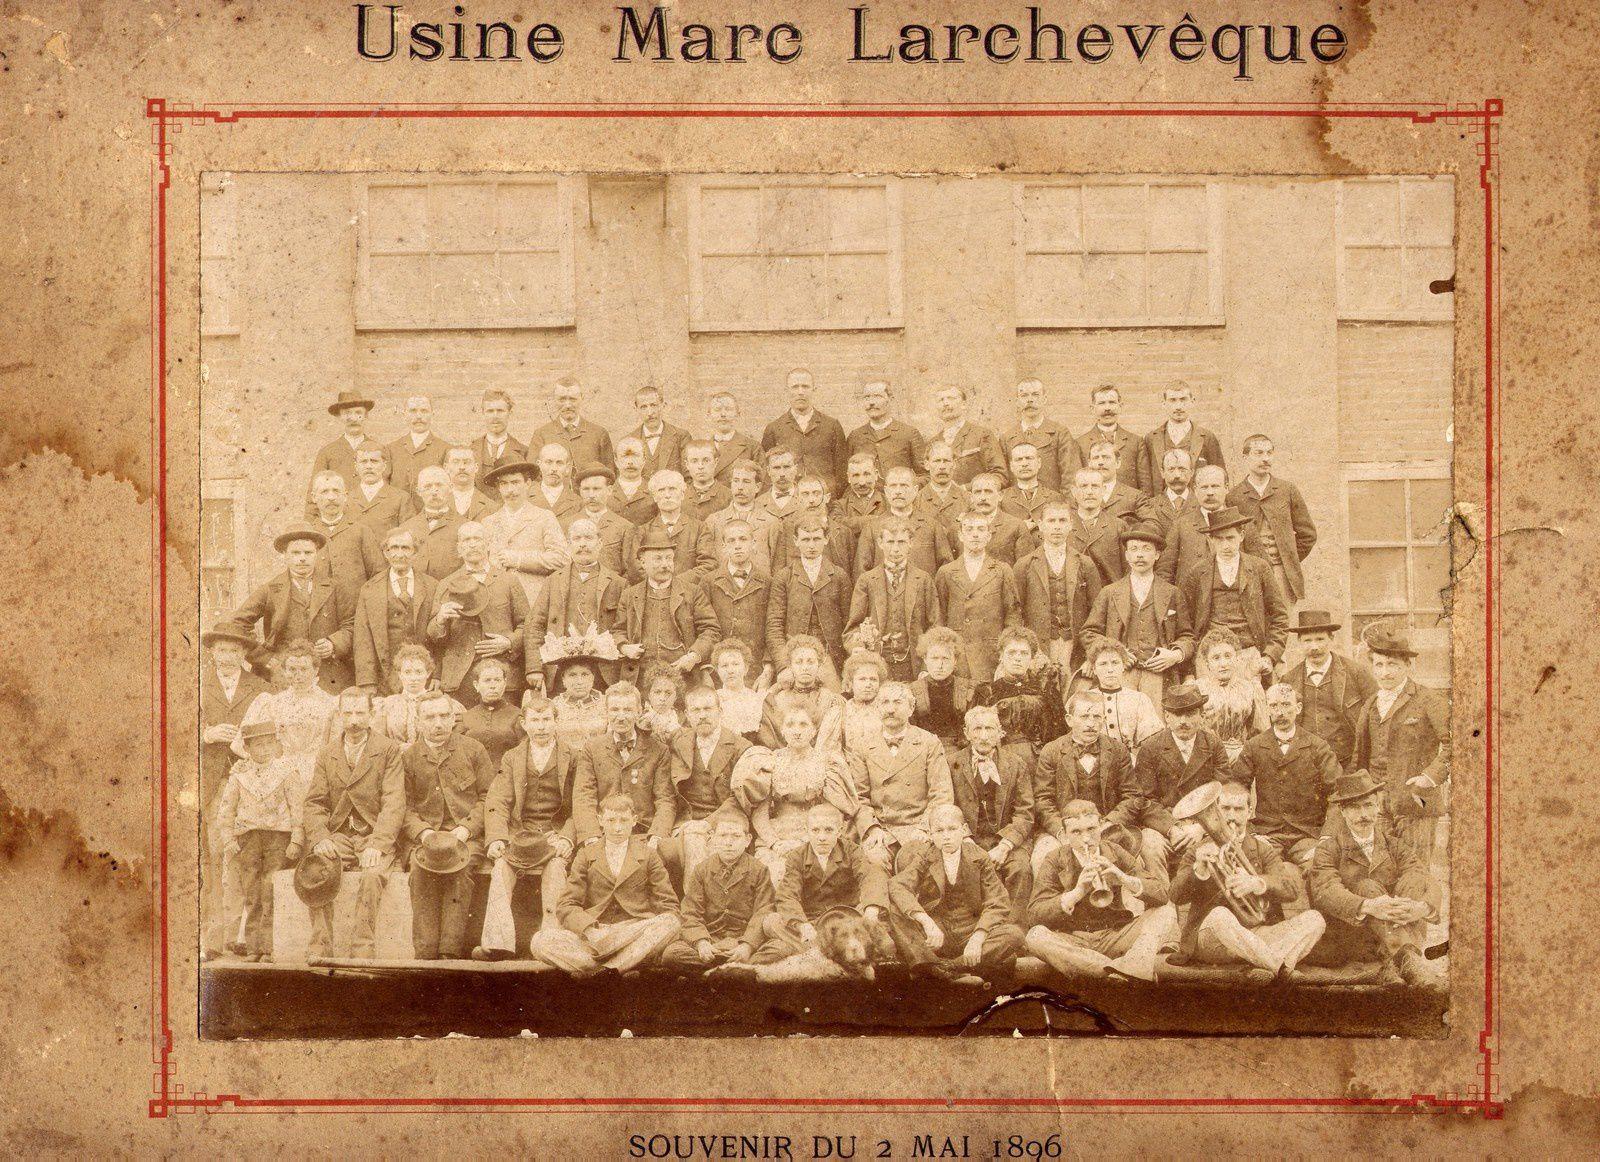 Ledger, l'autre empire vierzonnais à venir de la famille Larchevêque